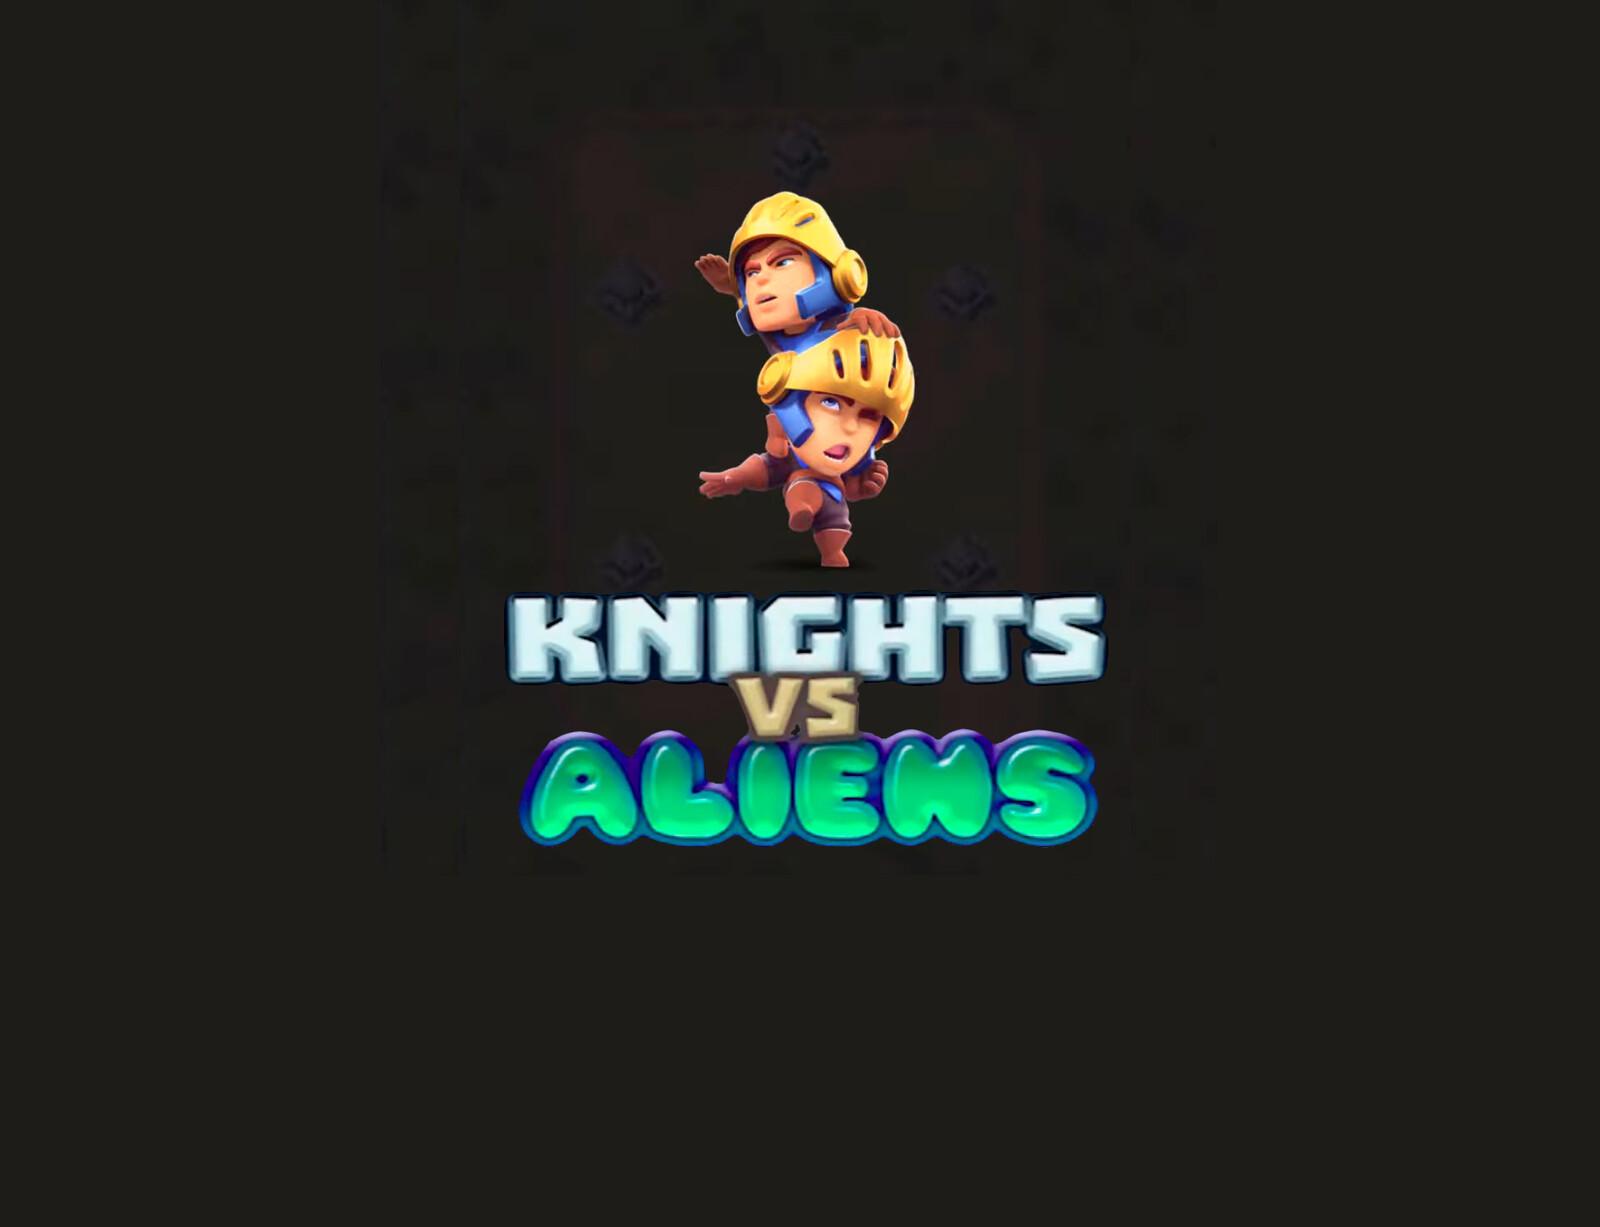 Knights vs Aliens